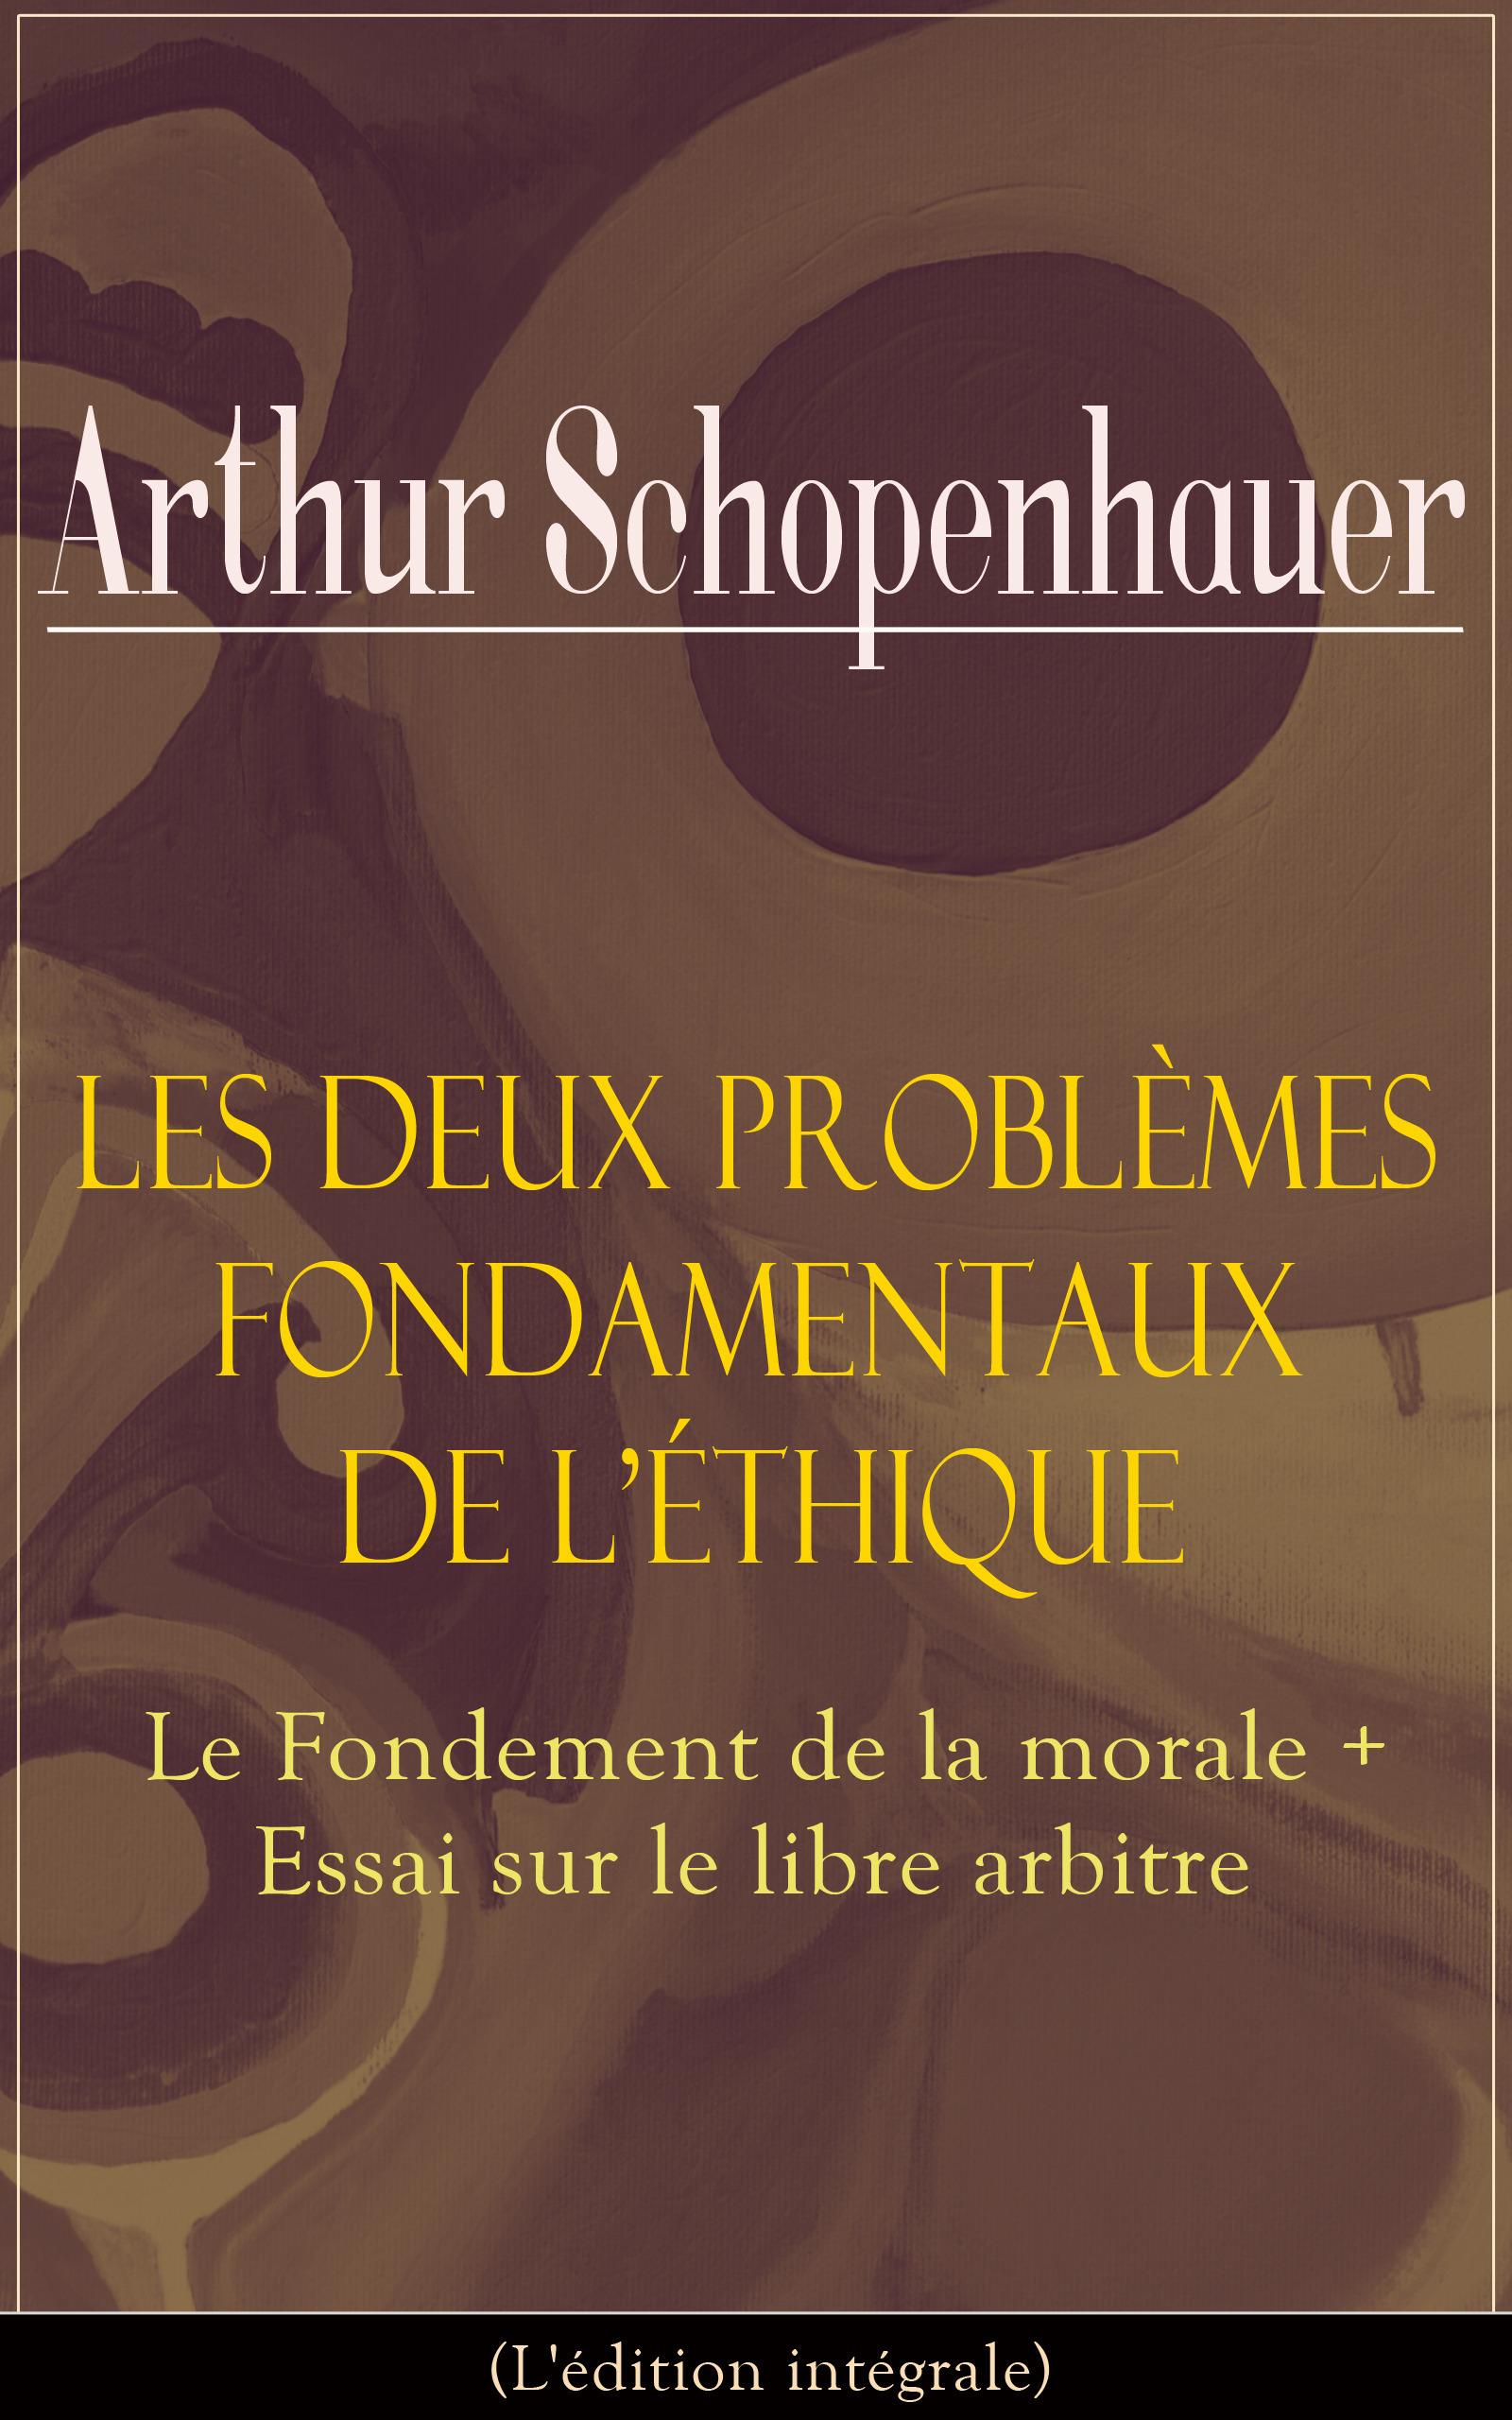 Les Deux Problèmes fondamentaux de l'éthique: Le Fondement de la morale + Essai sur le libre arbitre(L'édition intégrale)